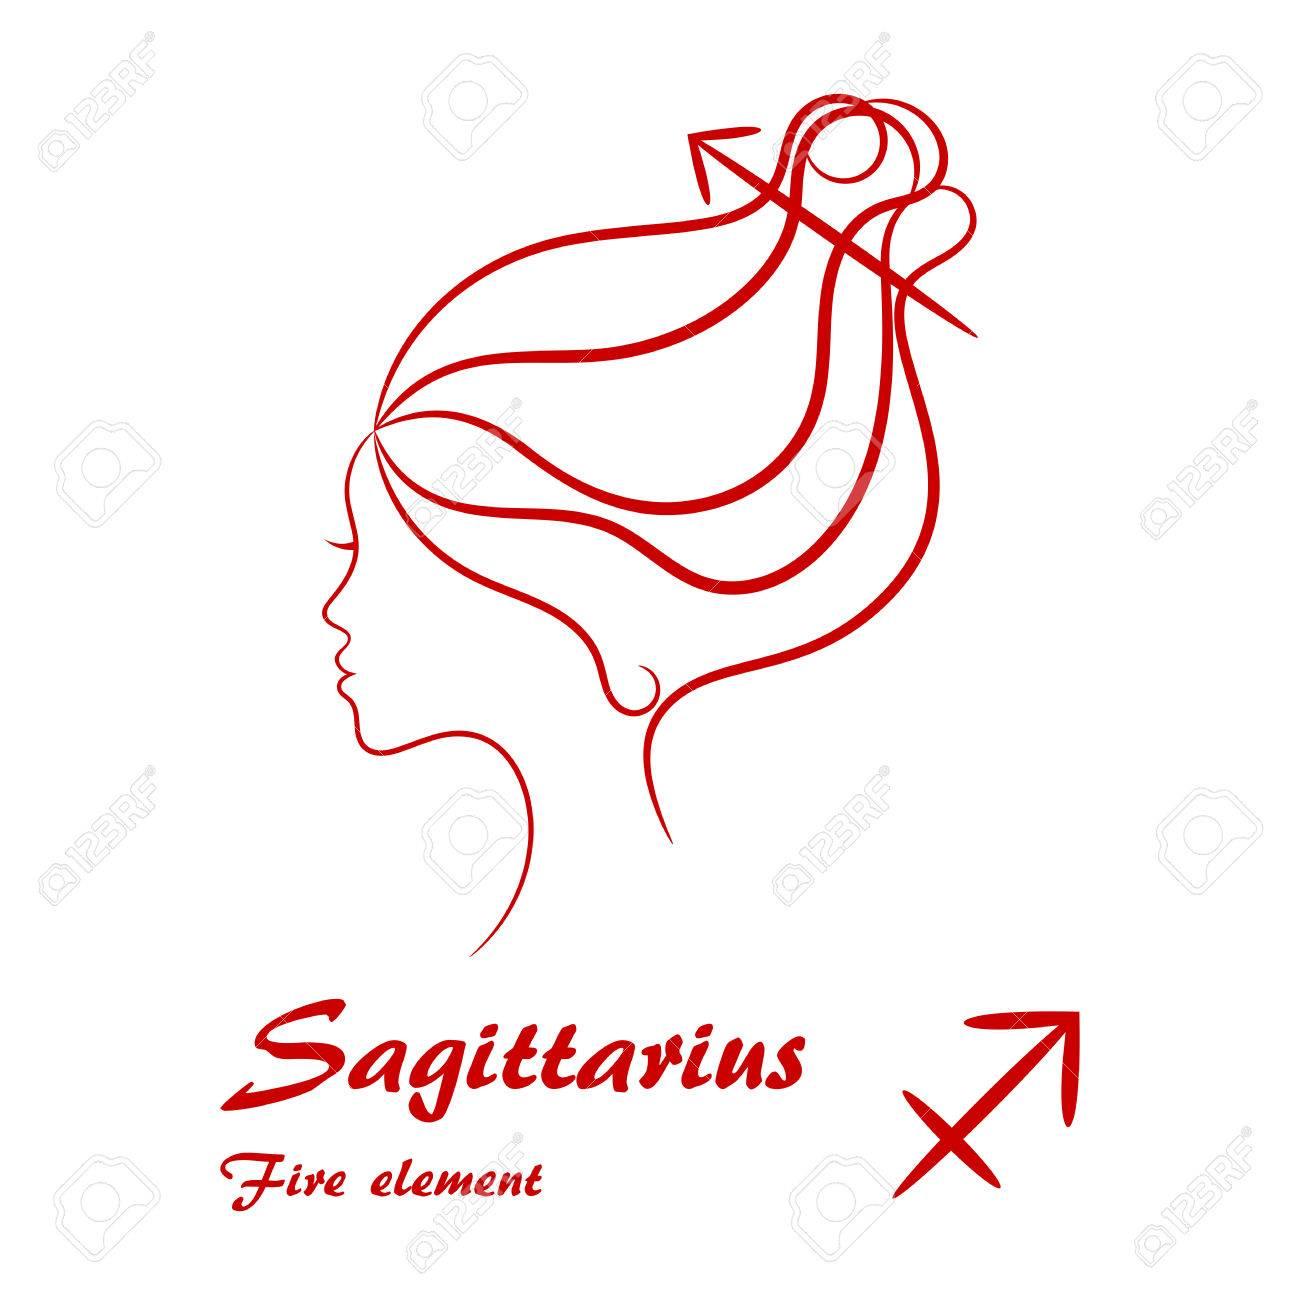 Sagittarius Profil weiblich